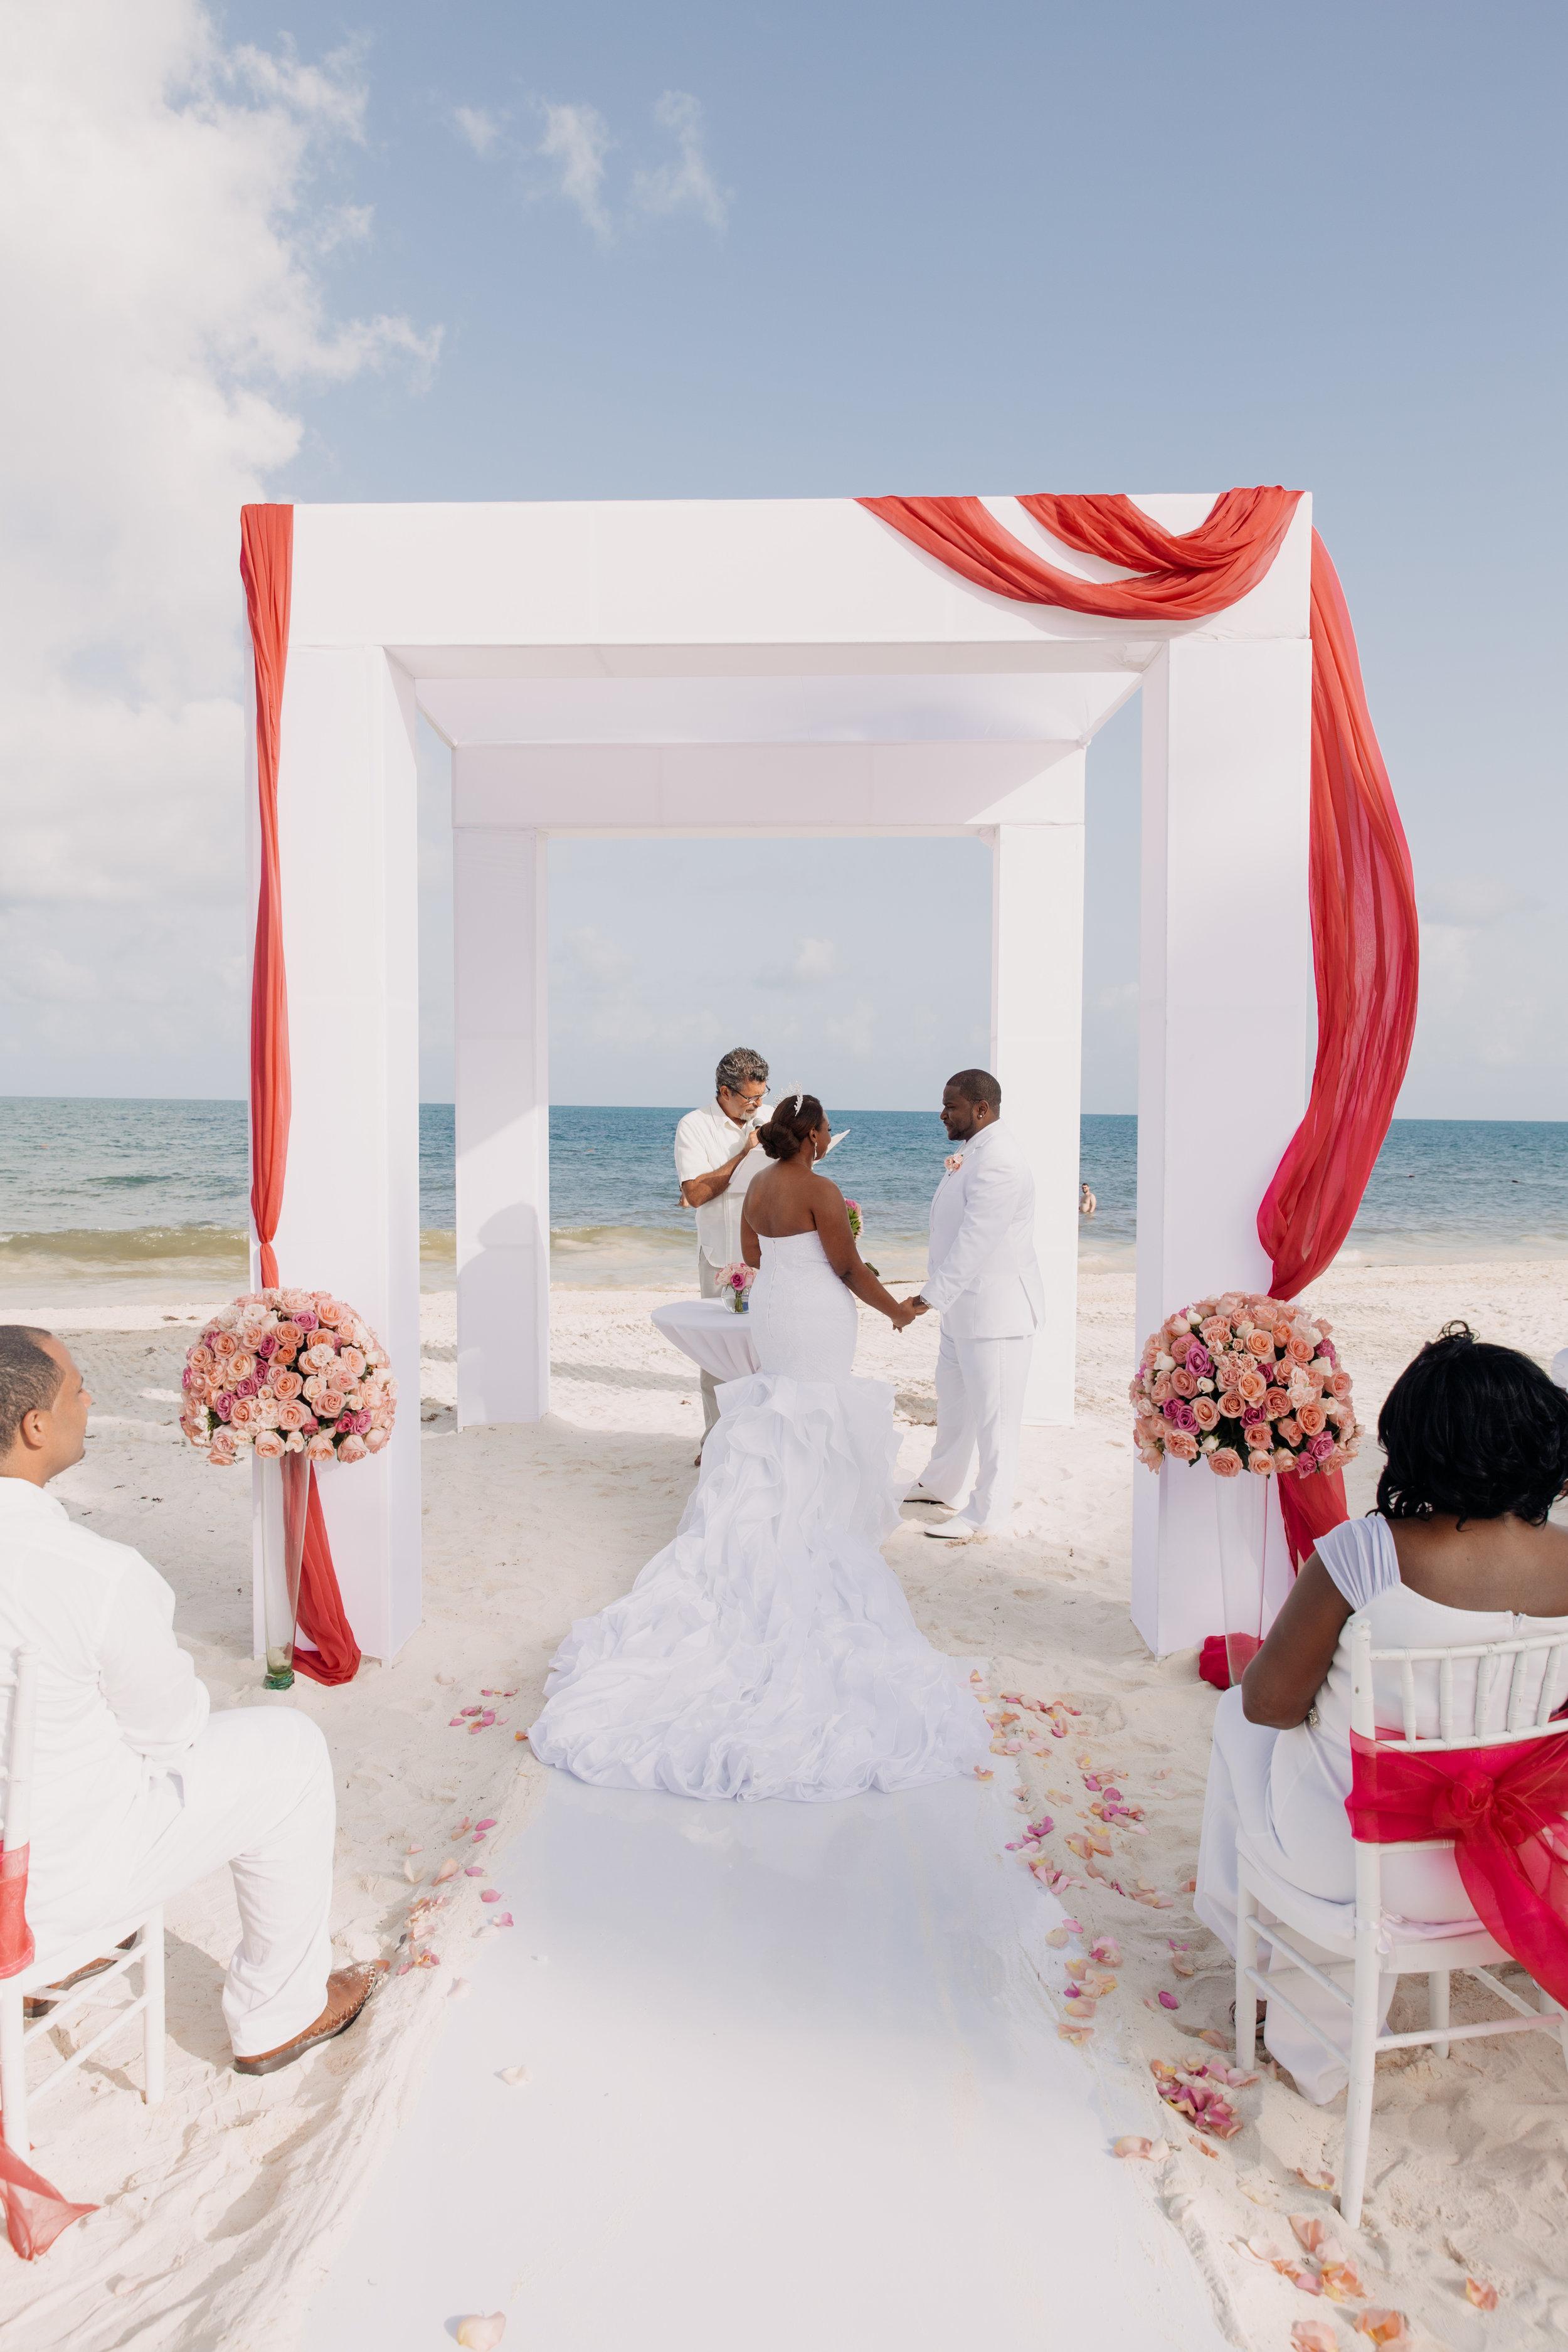 Lanita and Walter Final Wedding Images-214.JPG